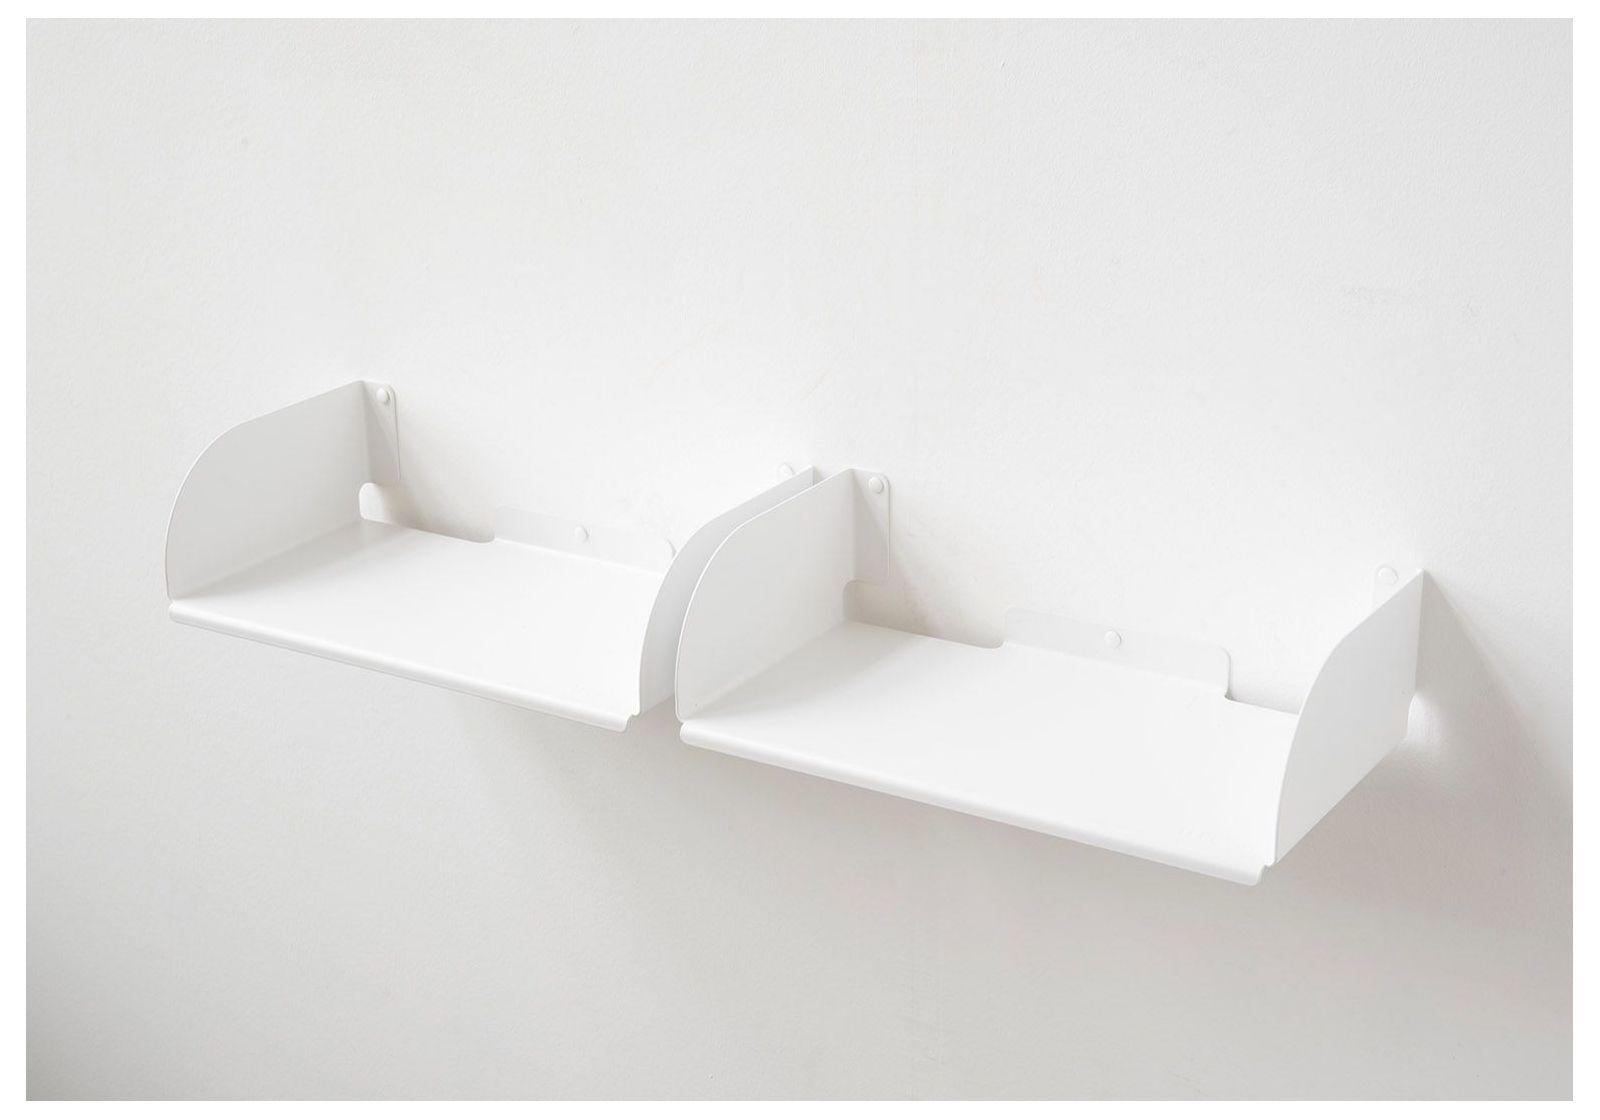 tag re de rangement pour vinyles ubd lot de 4 240 vinyles acier. Black Bedroom Furniture Sets. Home Design Ideas